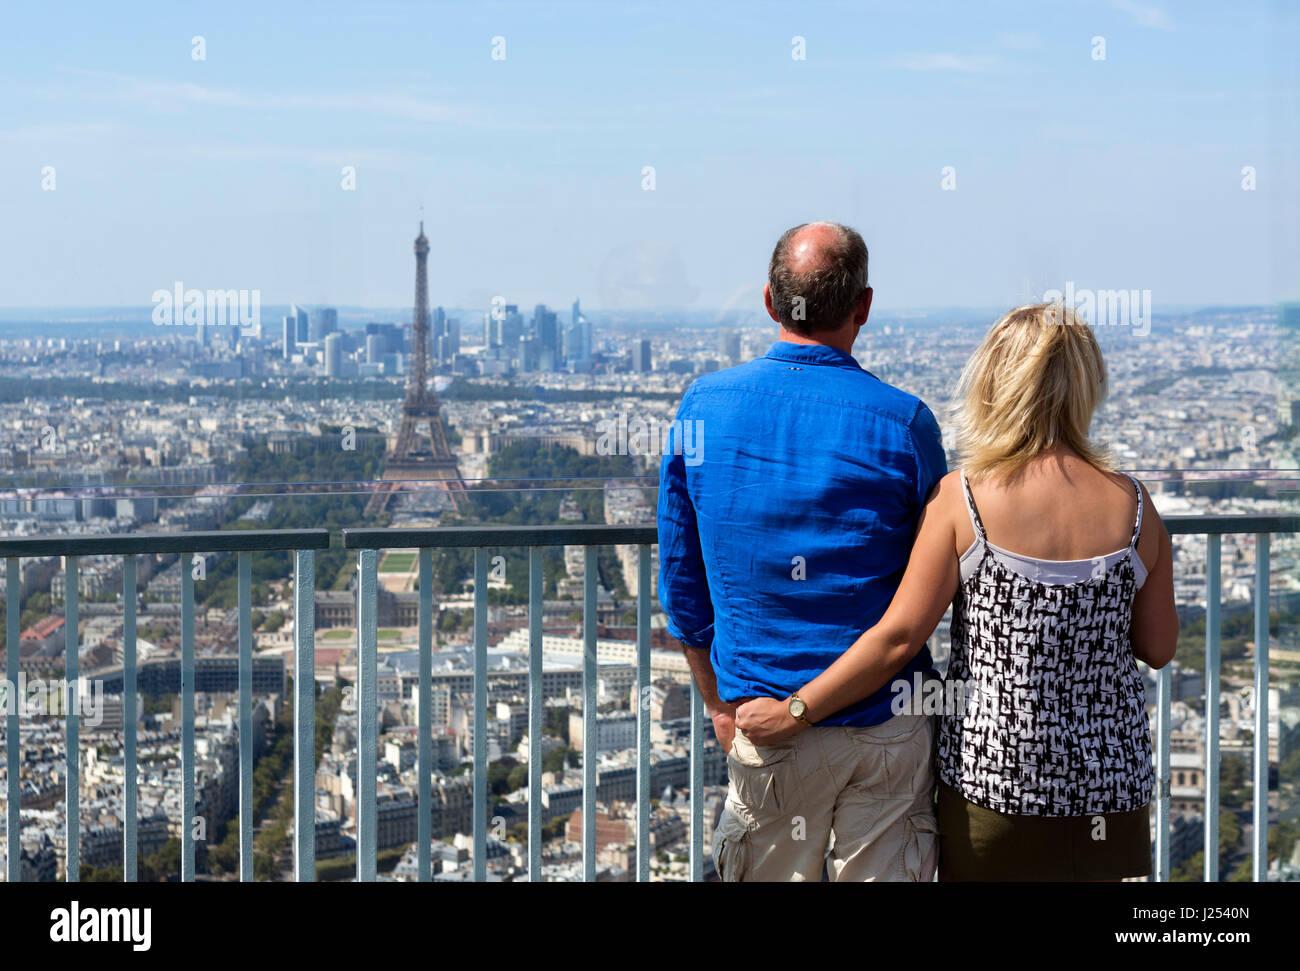 Paar auf der Aussichtsplattform an der Spitze des Tour Montparnasse, mit Blick auf den Eiffelturm und La Defense, Stockbild